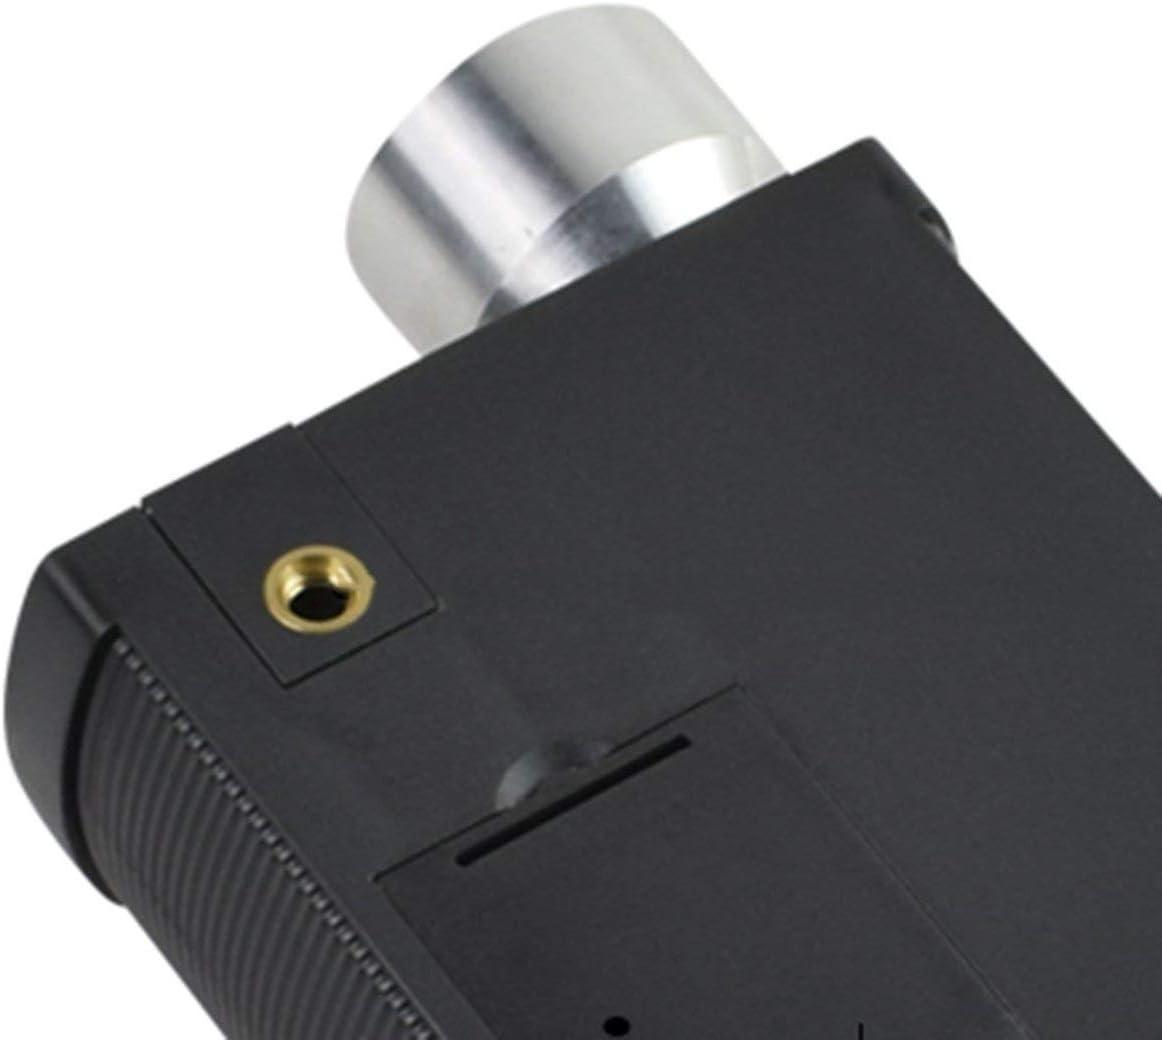 fFRtprintse Tachym/ètre Multifonctionnel Tactique Airsoft Pistolet Gamme Vitesse Testeur Tir Chronographe Instrument De Mesure